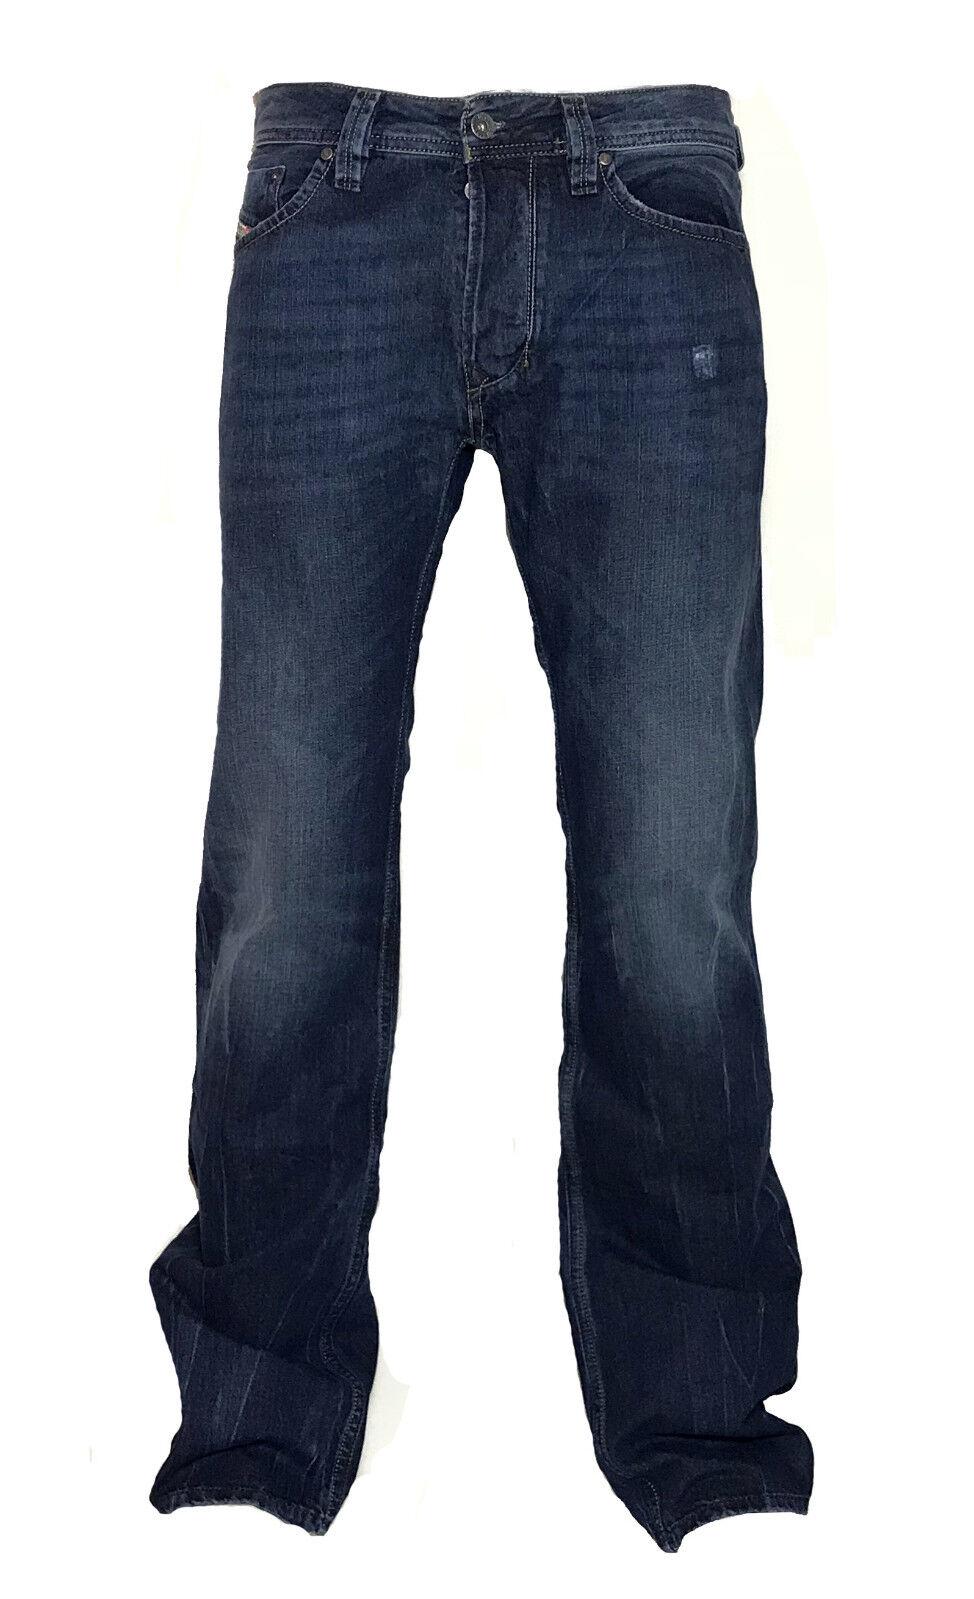 Diesel Straight-Cut Jeans LARKEE 0RM80 dunkelblue  used look  30 32  NEU